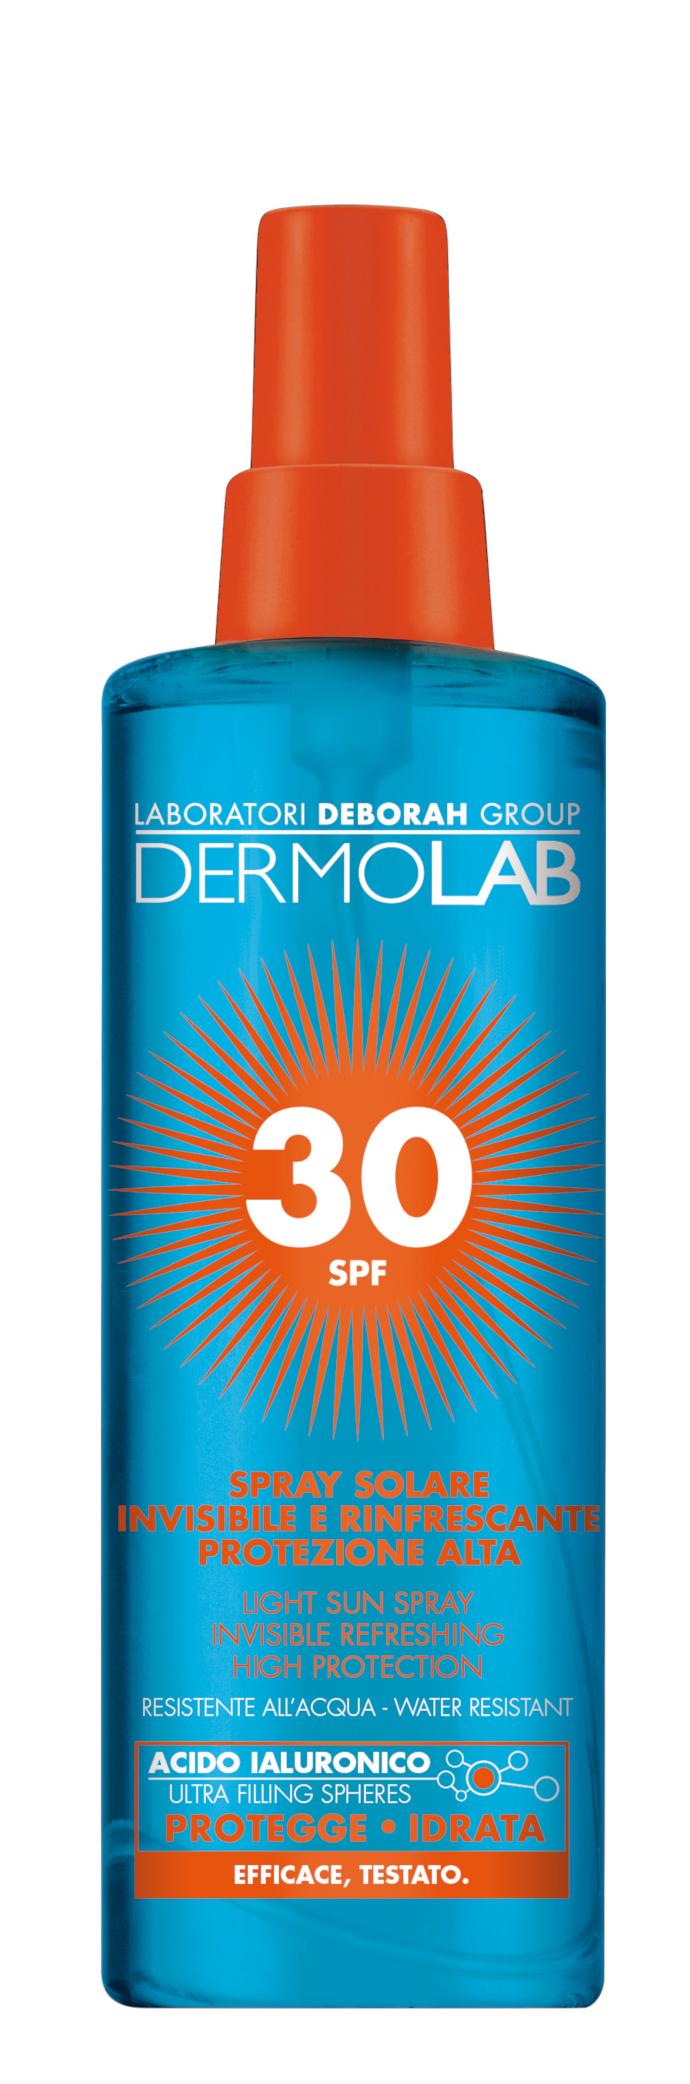 Dermolab Spray solare